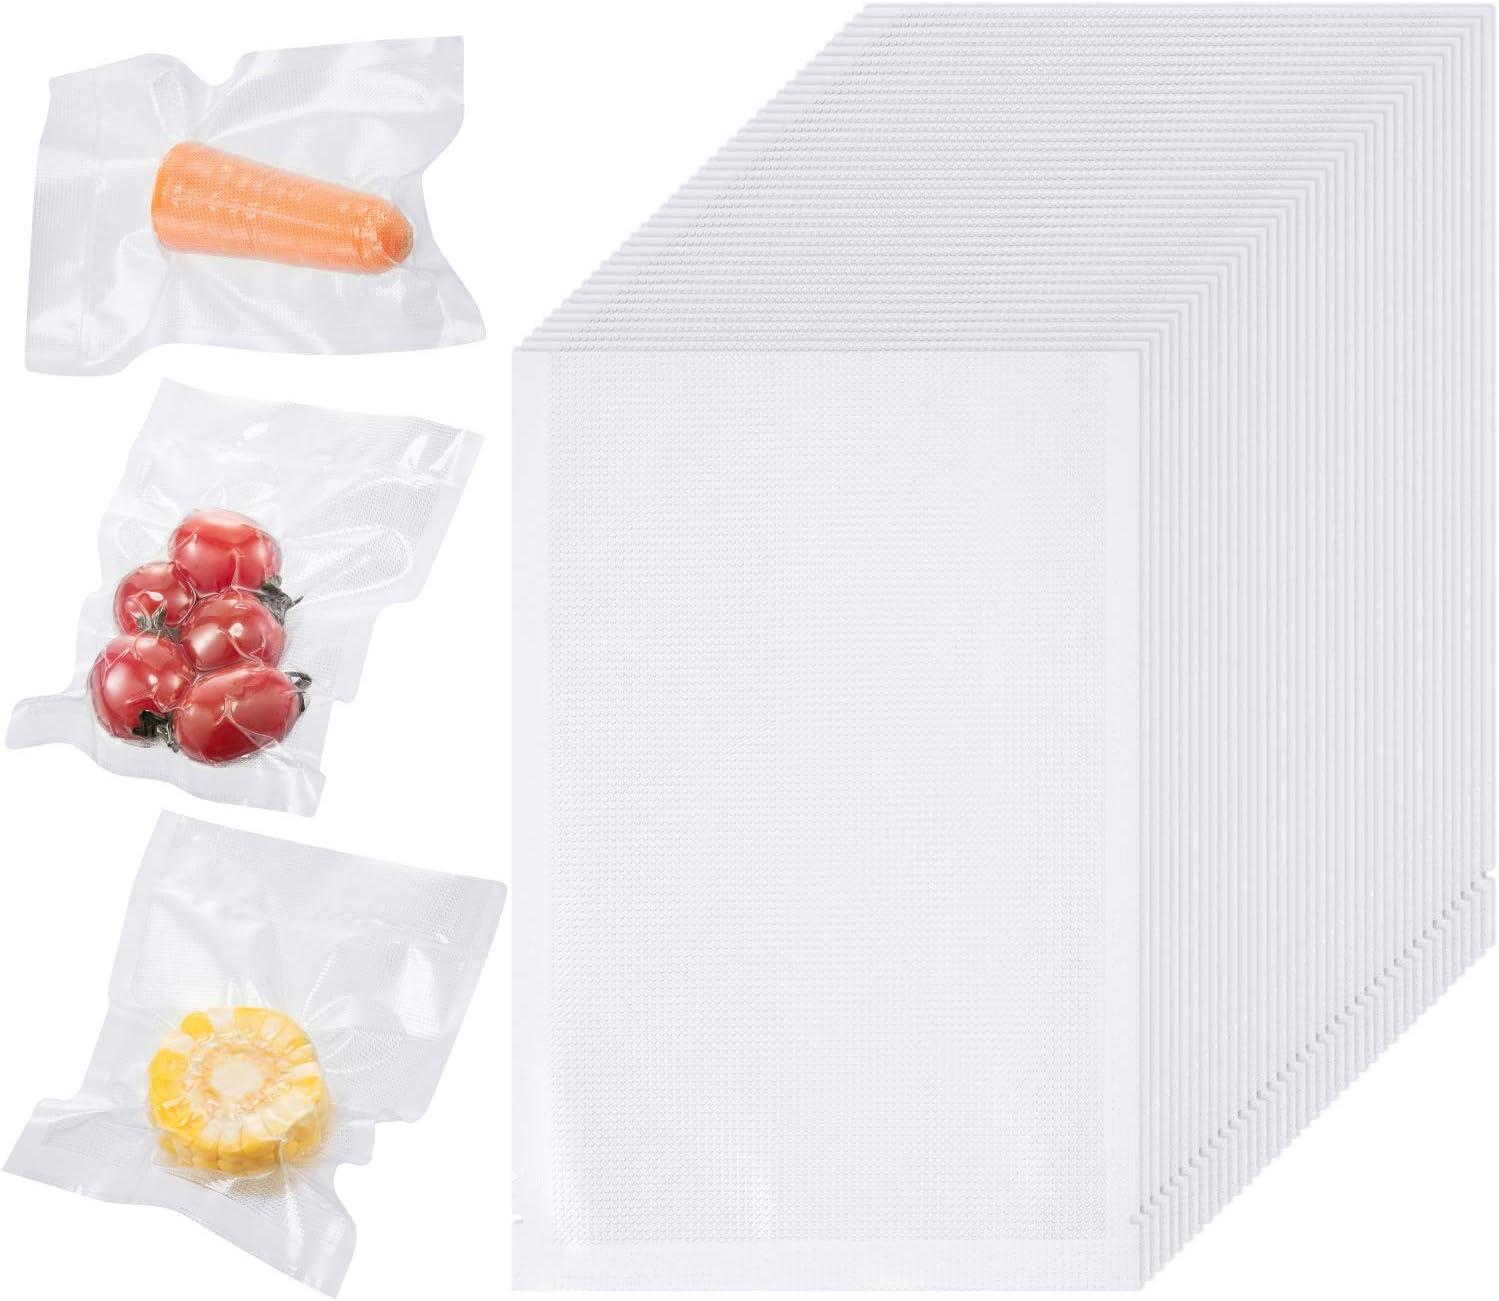 200 Packs Vacuum Sealer Bags 4 x 6 Inch Precut Design Food Sealable Bag Vacuum Food Storage Bags Food Saving Vacuum Bags